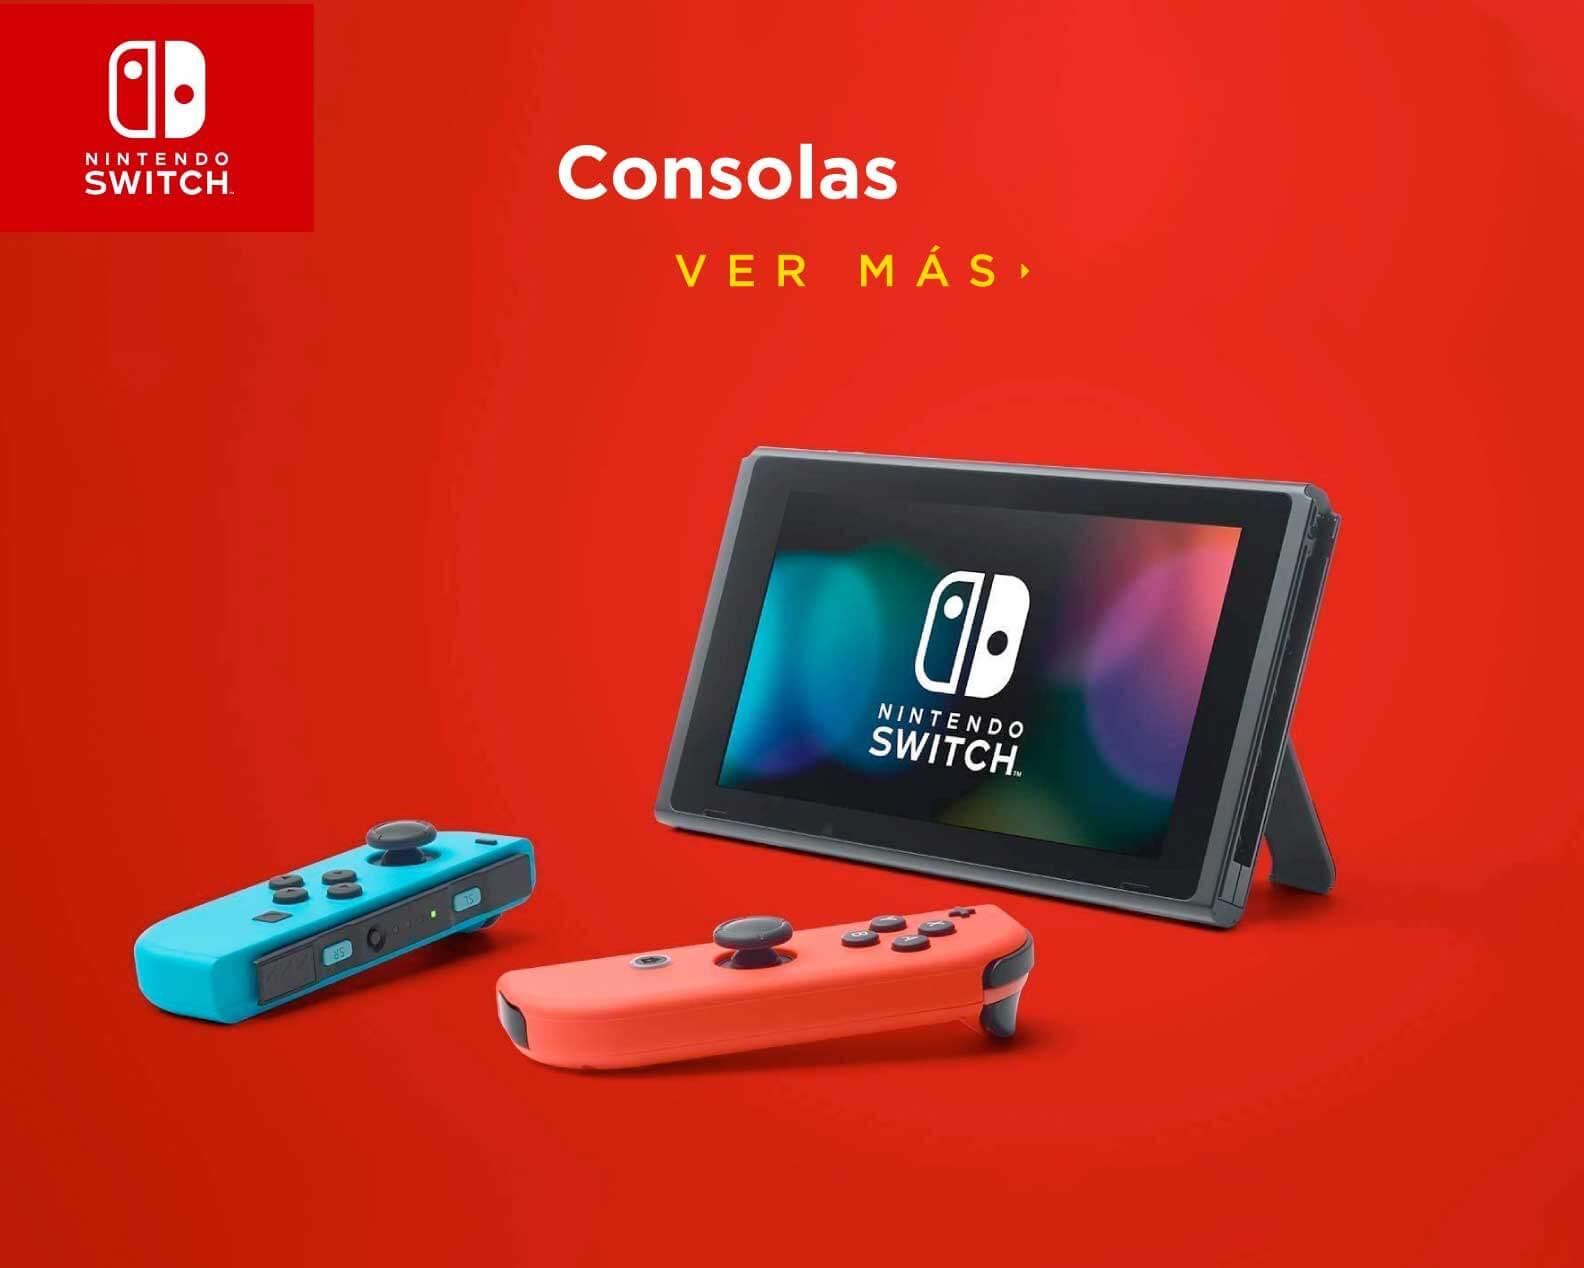 Nintendo Switch, consolas de videojuegos, precios y modelos en línea